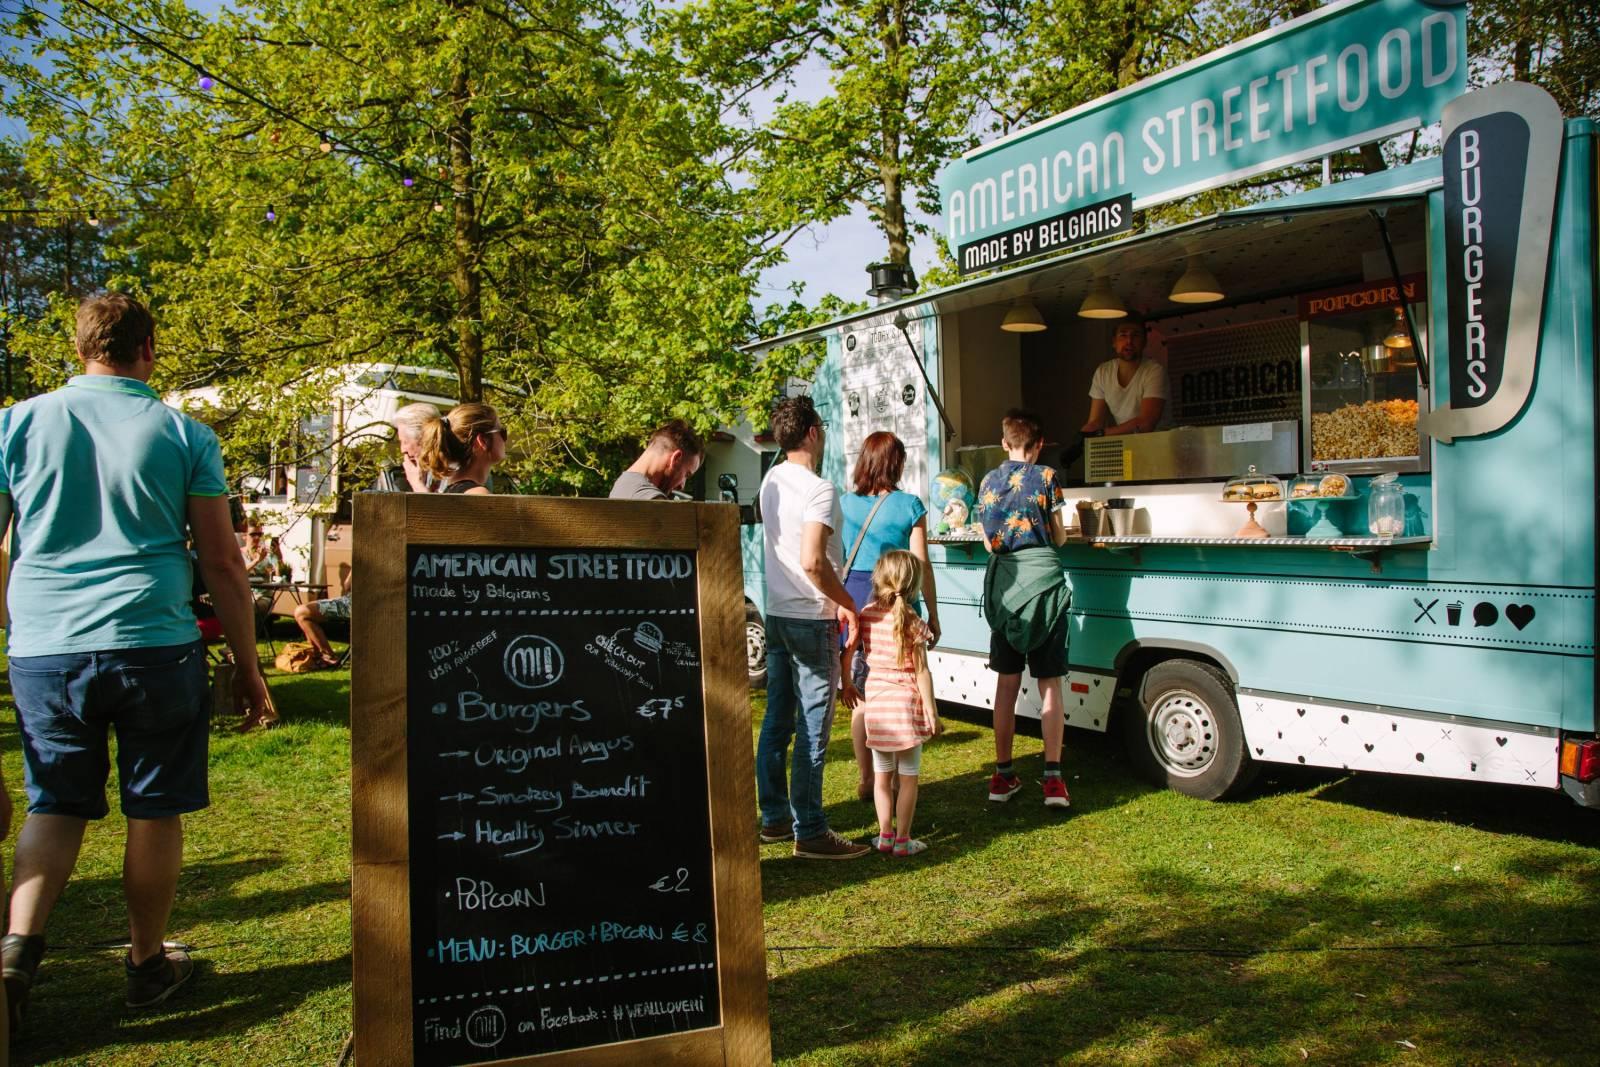 Mi! - food truck - House of Weddings - 7